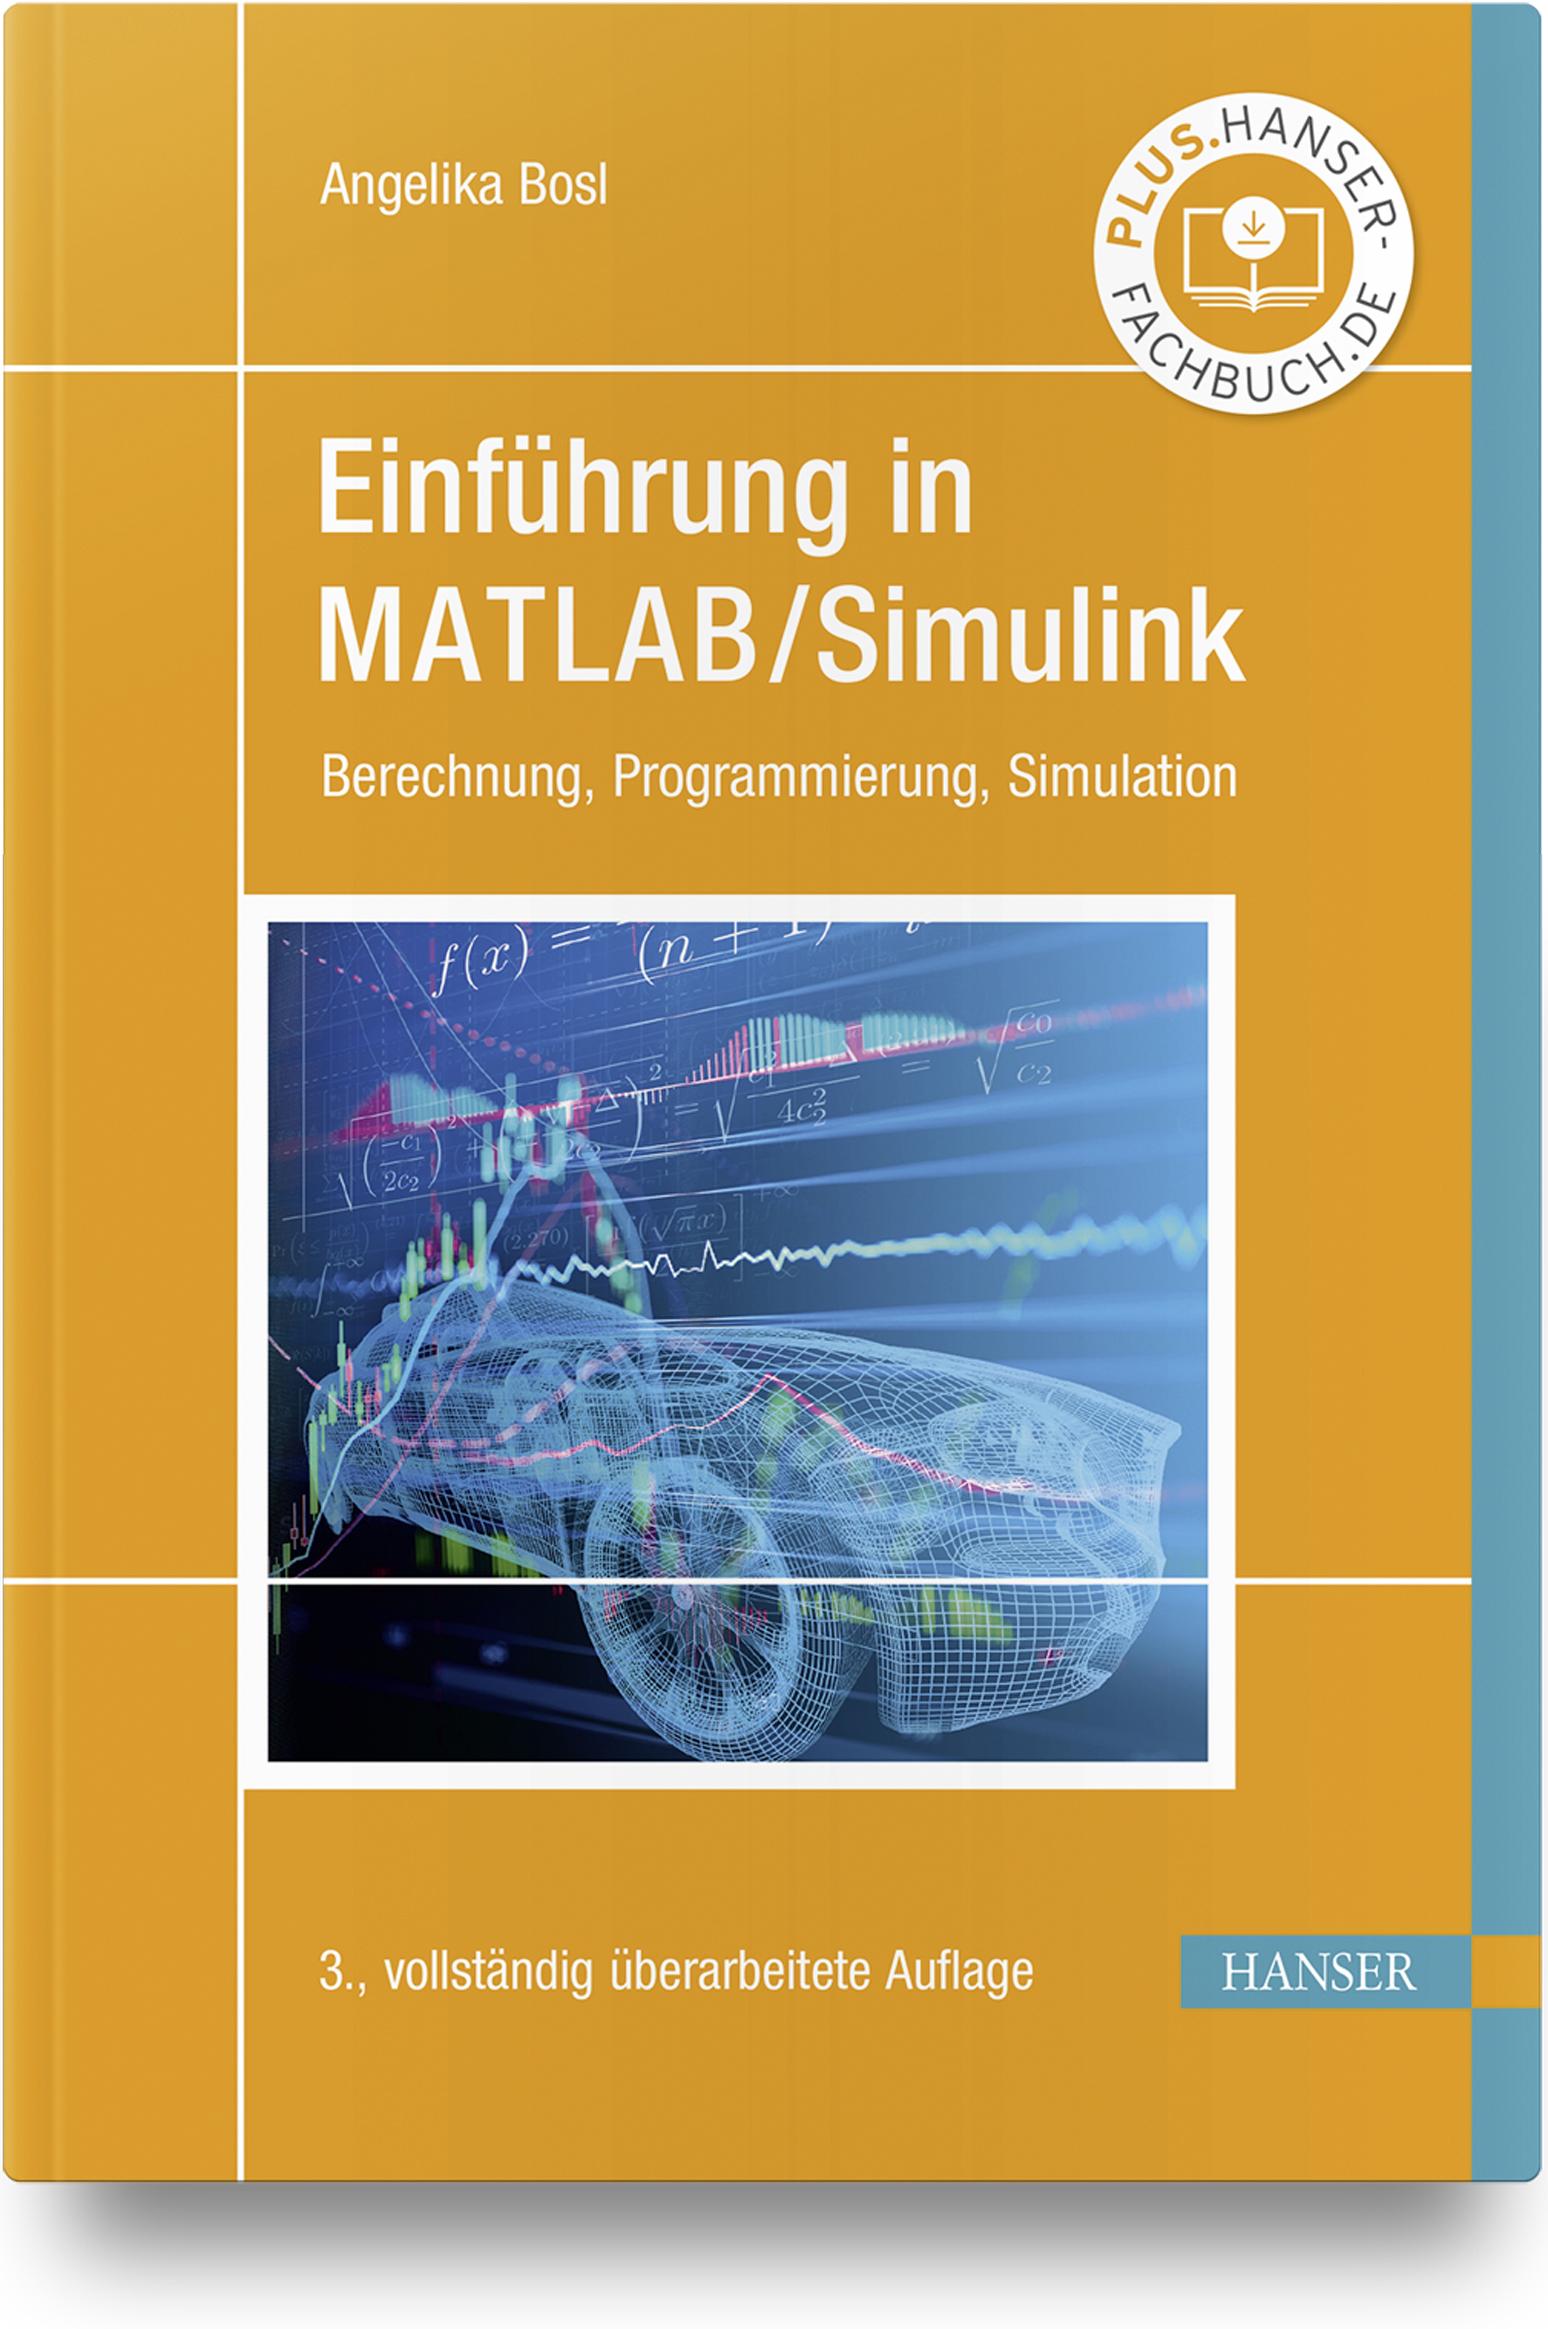 Bosl, Einführung in MATLAB/Simulink, 978-3-446-46403-2